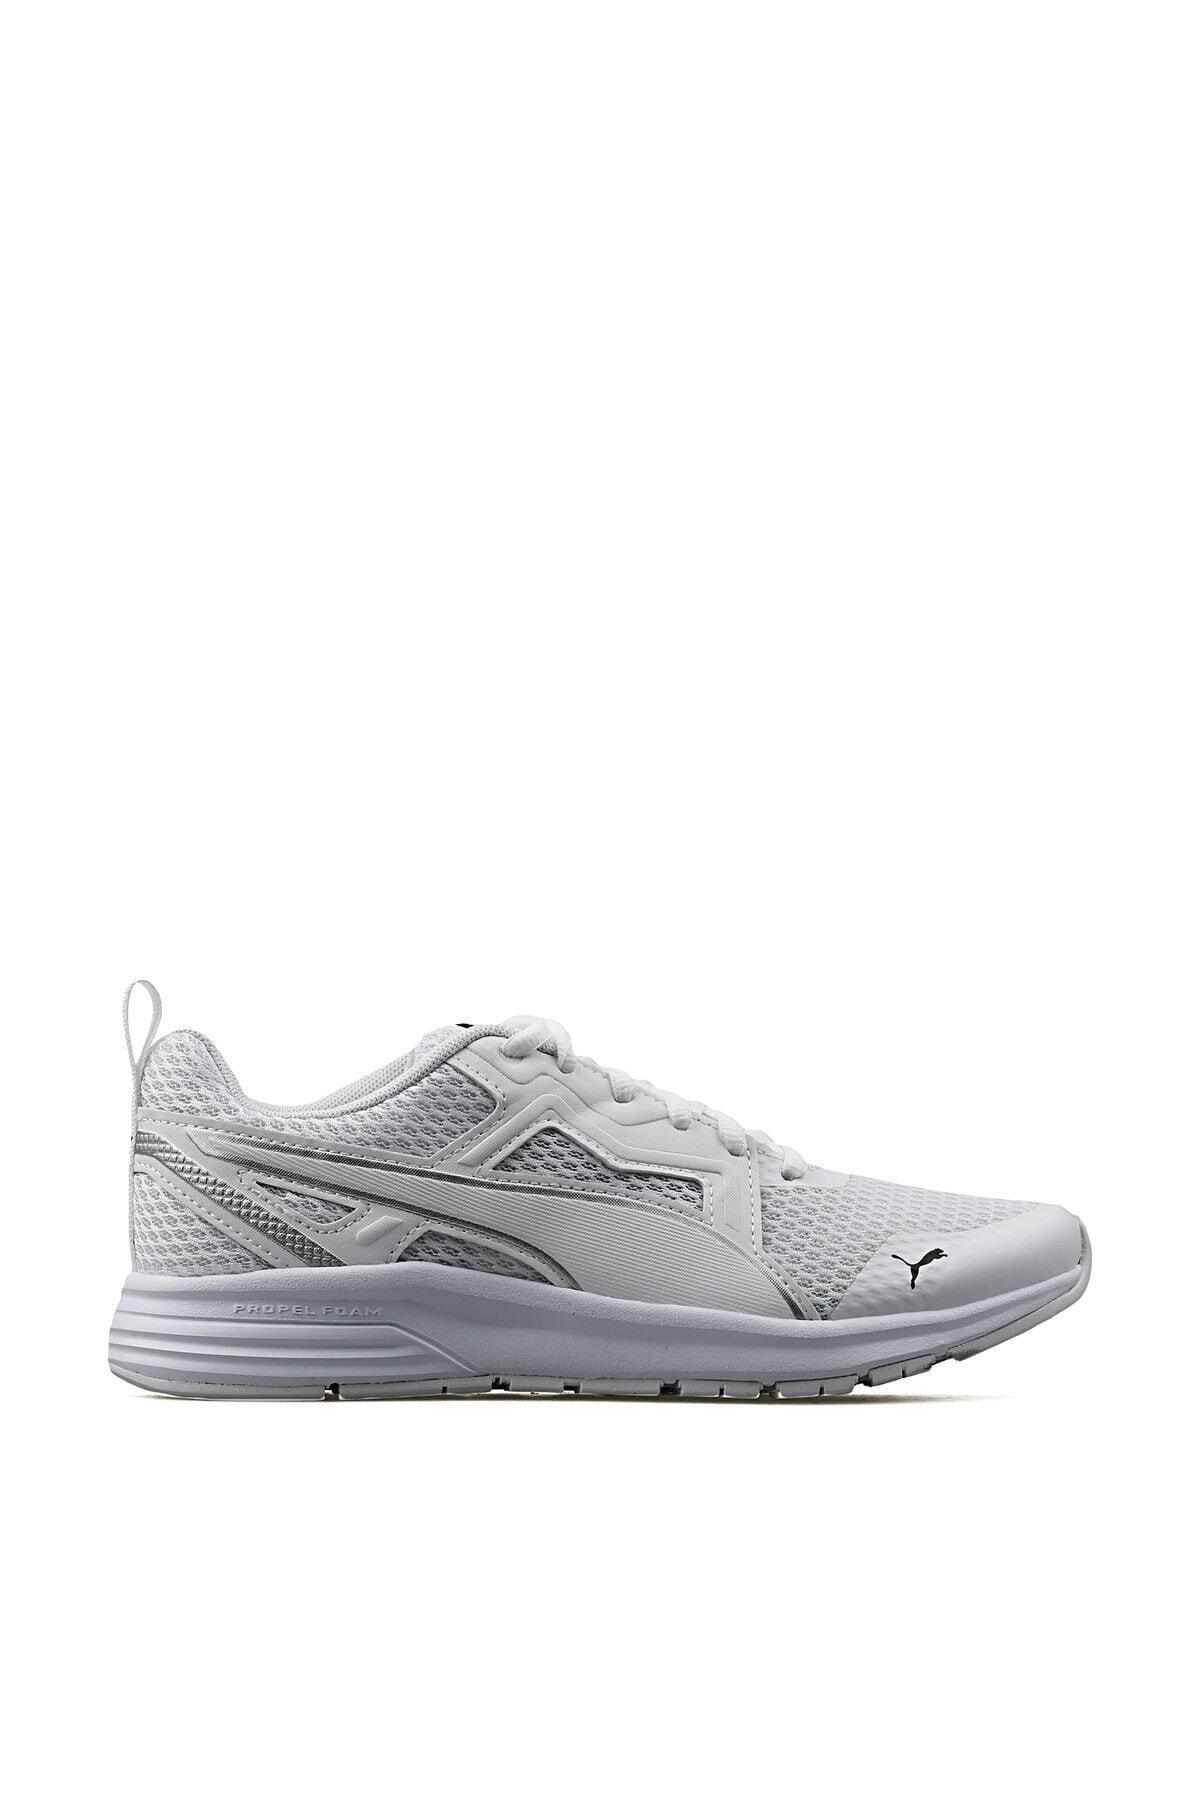 Puma Pure Jogger Jr Kadın Günlük Spor Ayakkabı 370575 02 1